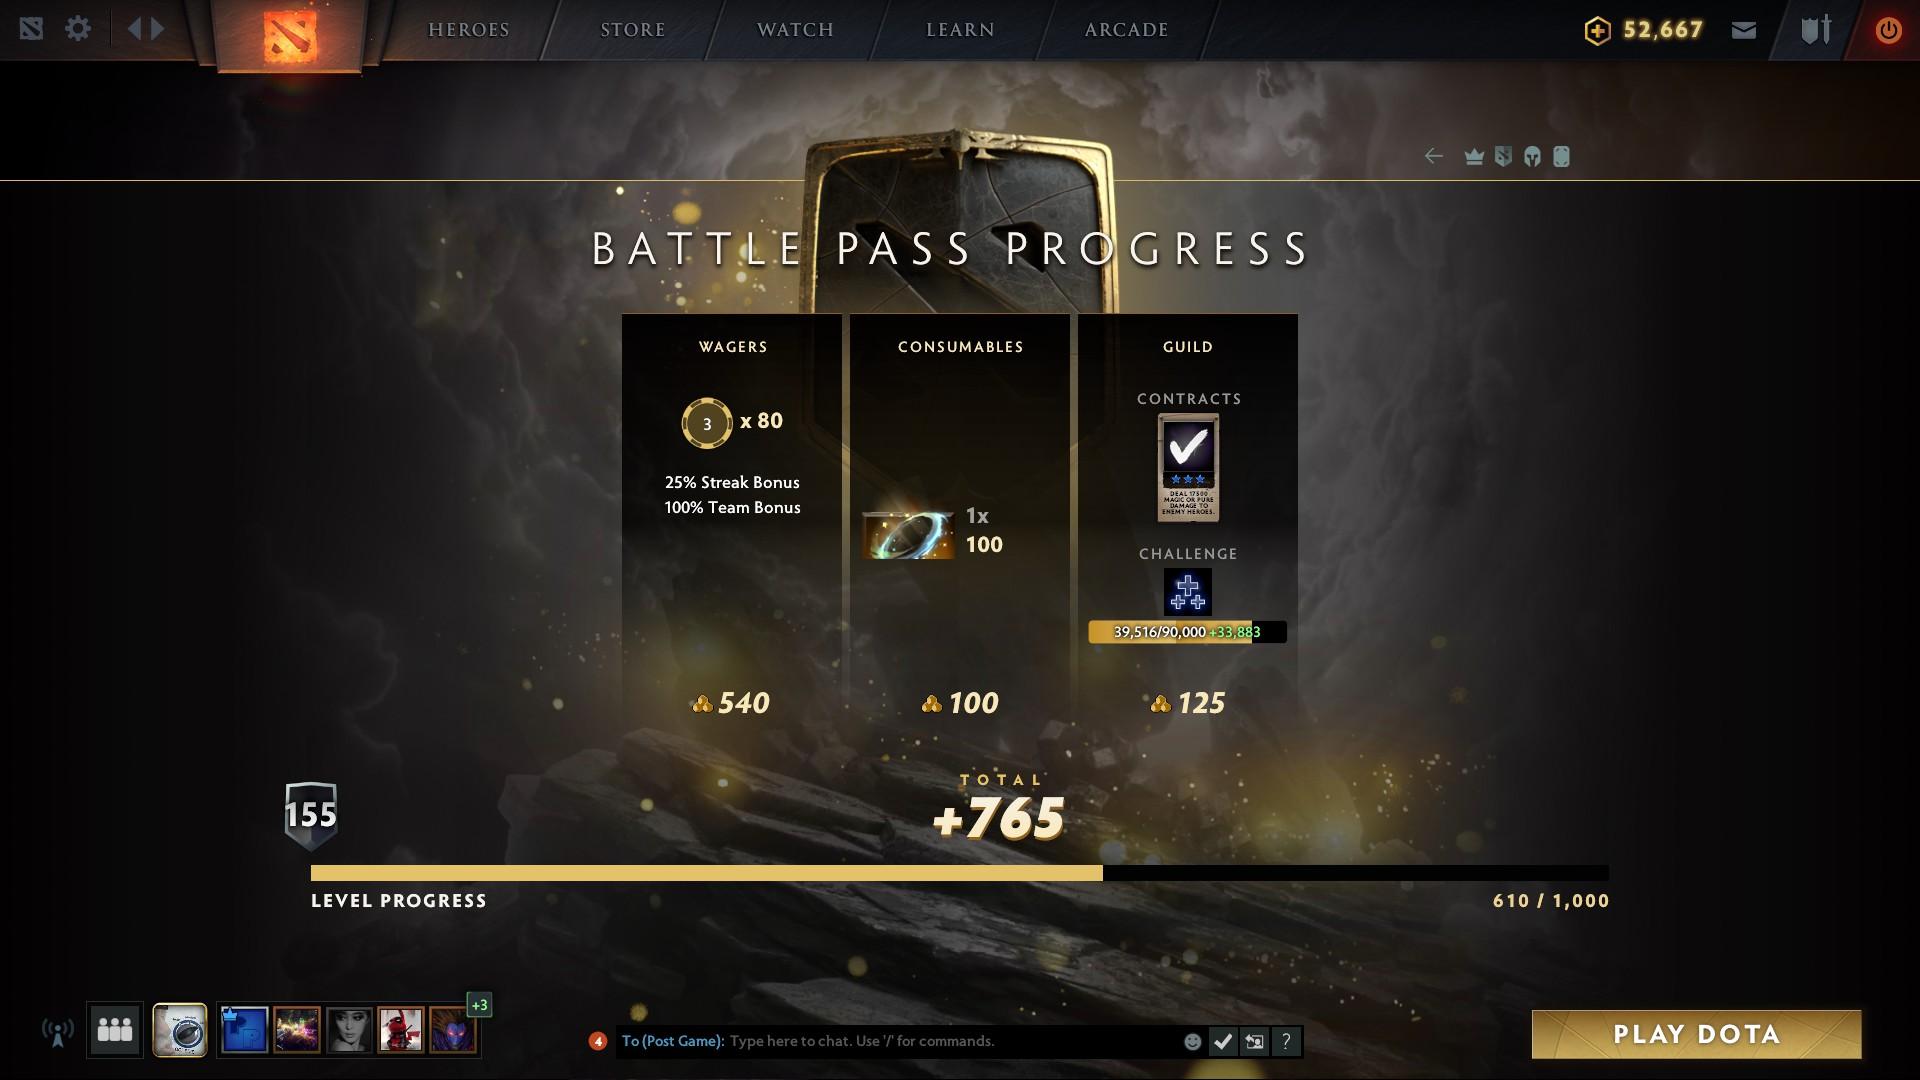 """api cdn.gametv.vn acc7d84799d0bd1c720c1dfd3961f250 - """"Con dân"""" chê ít, Valve đành chiều lòng nâng cao lượng phần thưởng trong Battle Pass"""